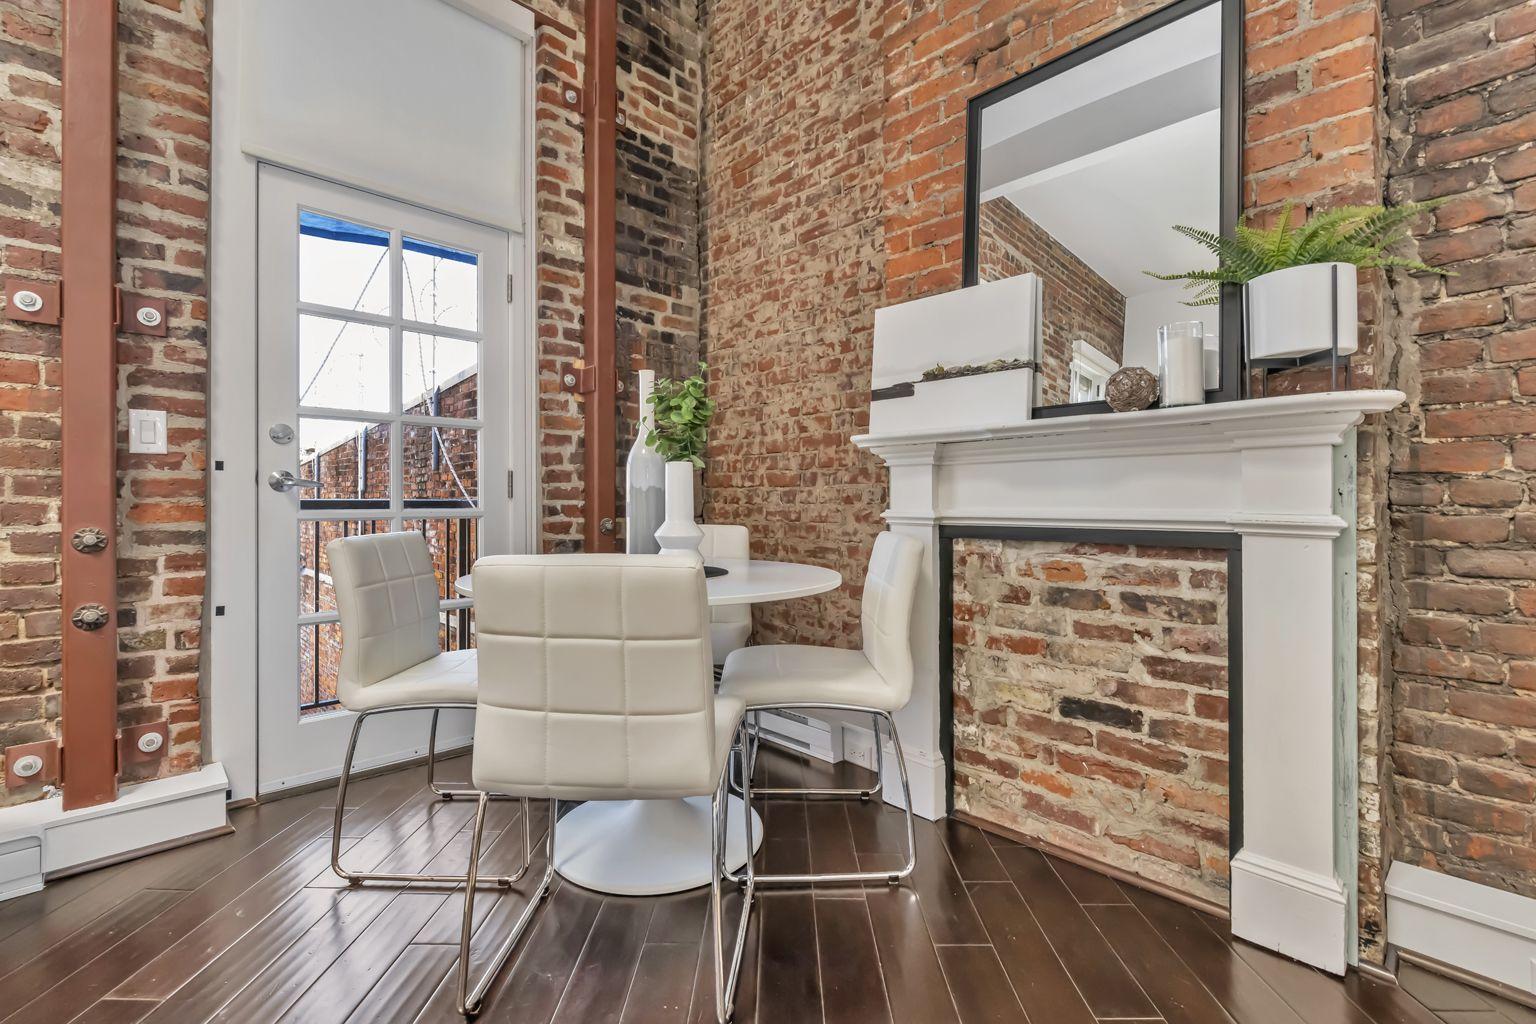 Main Photo: 217 562 Yates St in Victoria: Vi Downtown Condo for sale : MLS®# 845154